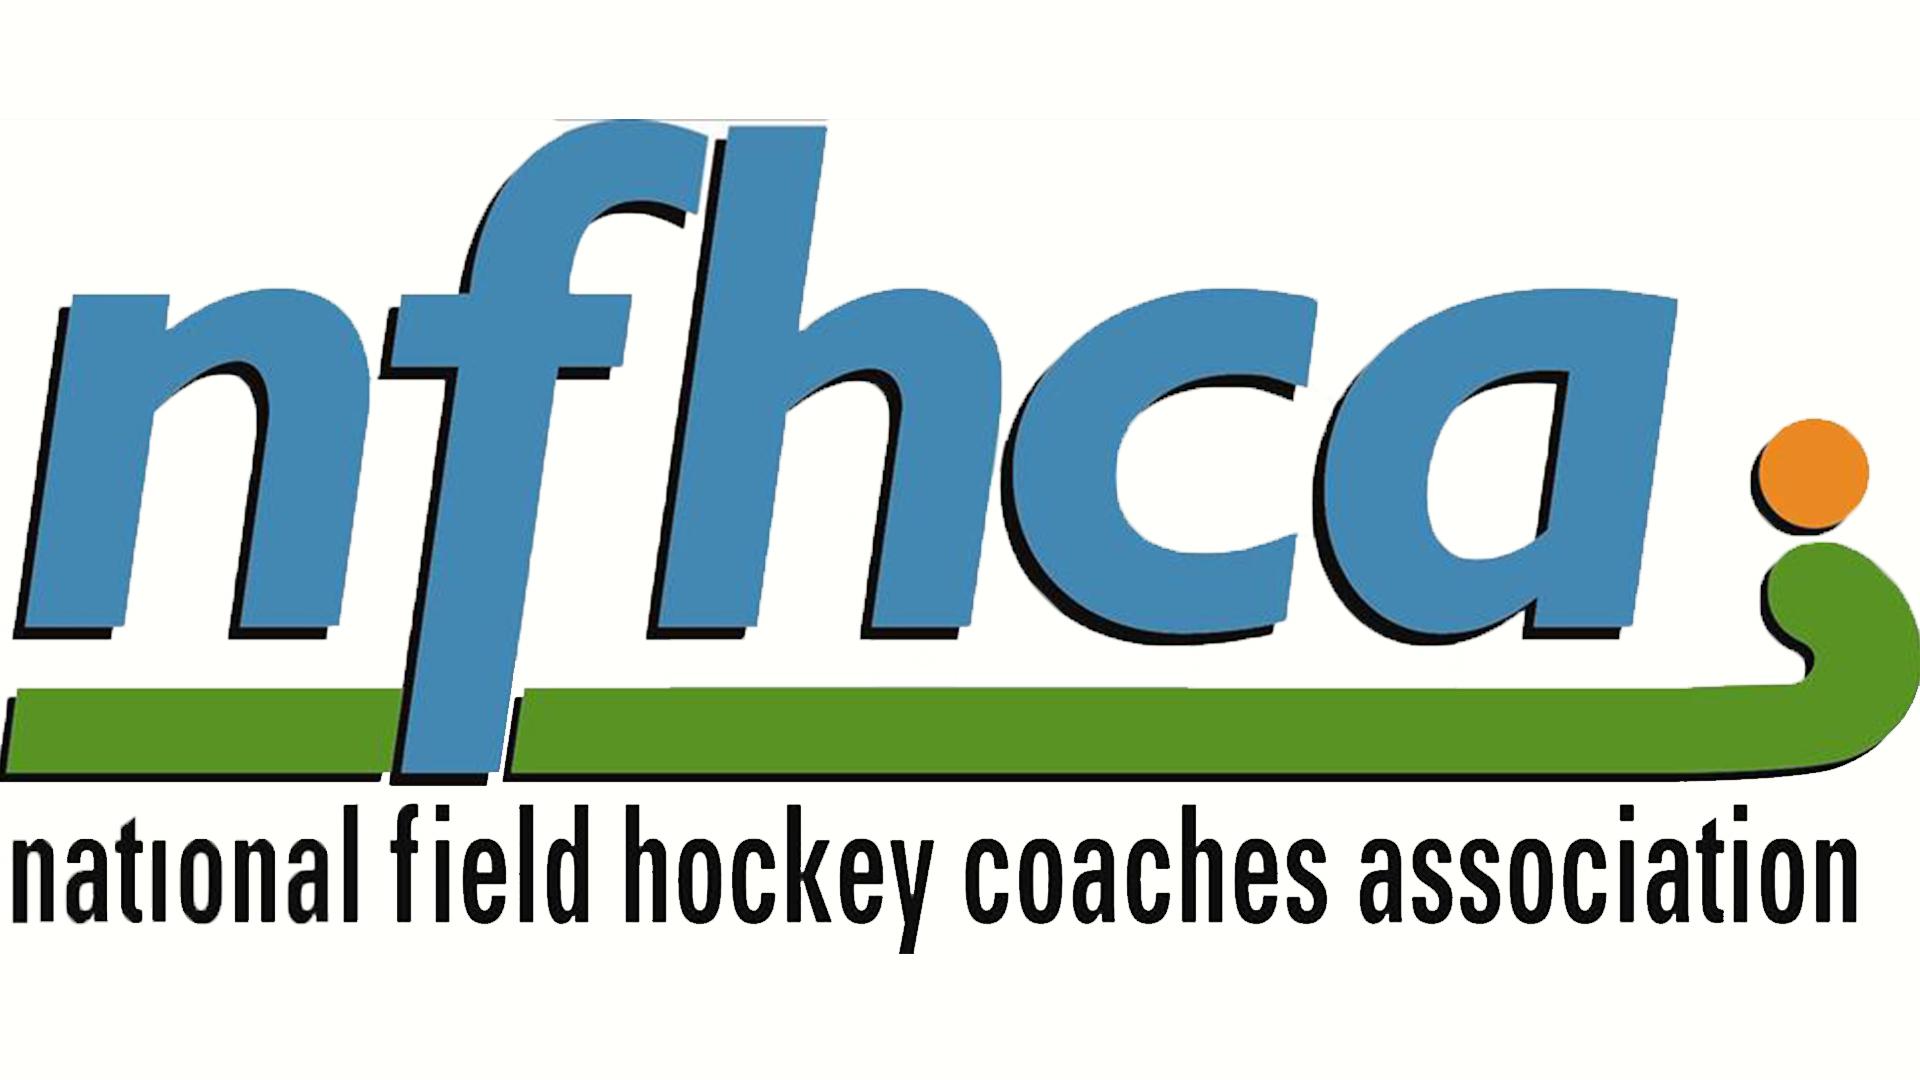 NFHCA_web.jpg